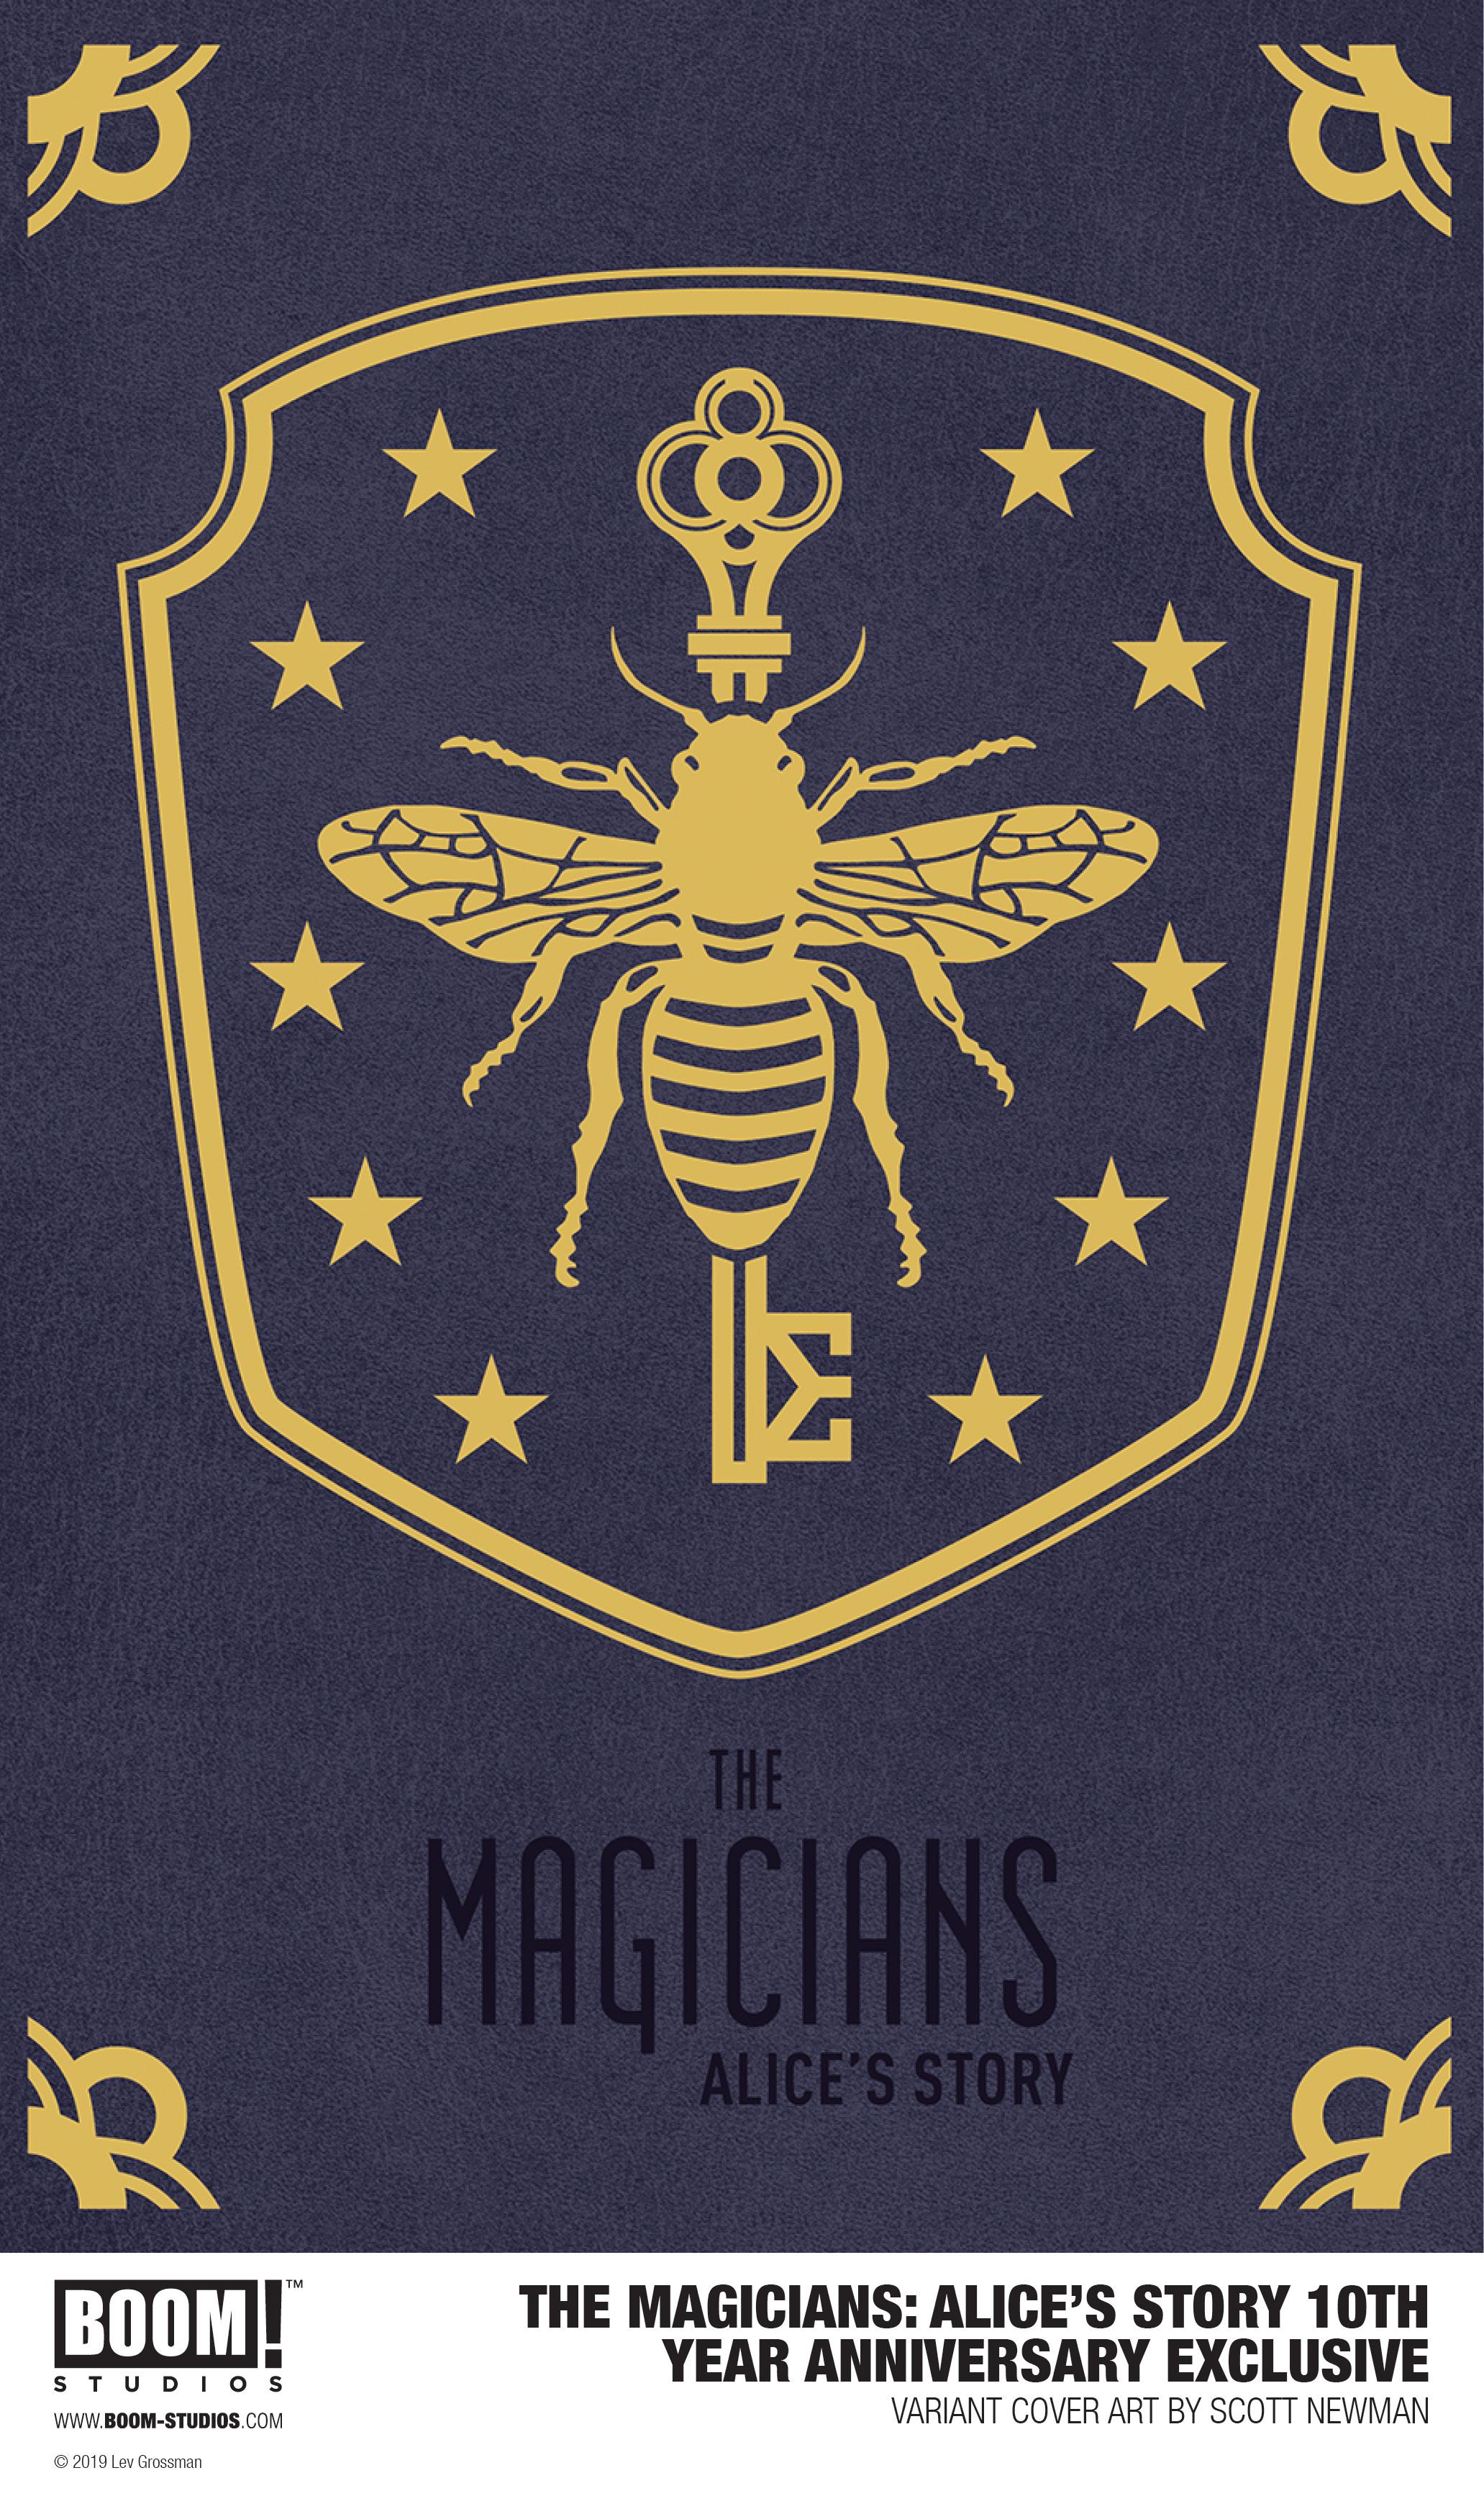 SDCC_Magicians_Promo.jpg